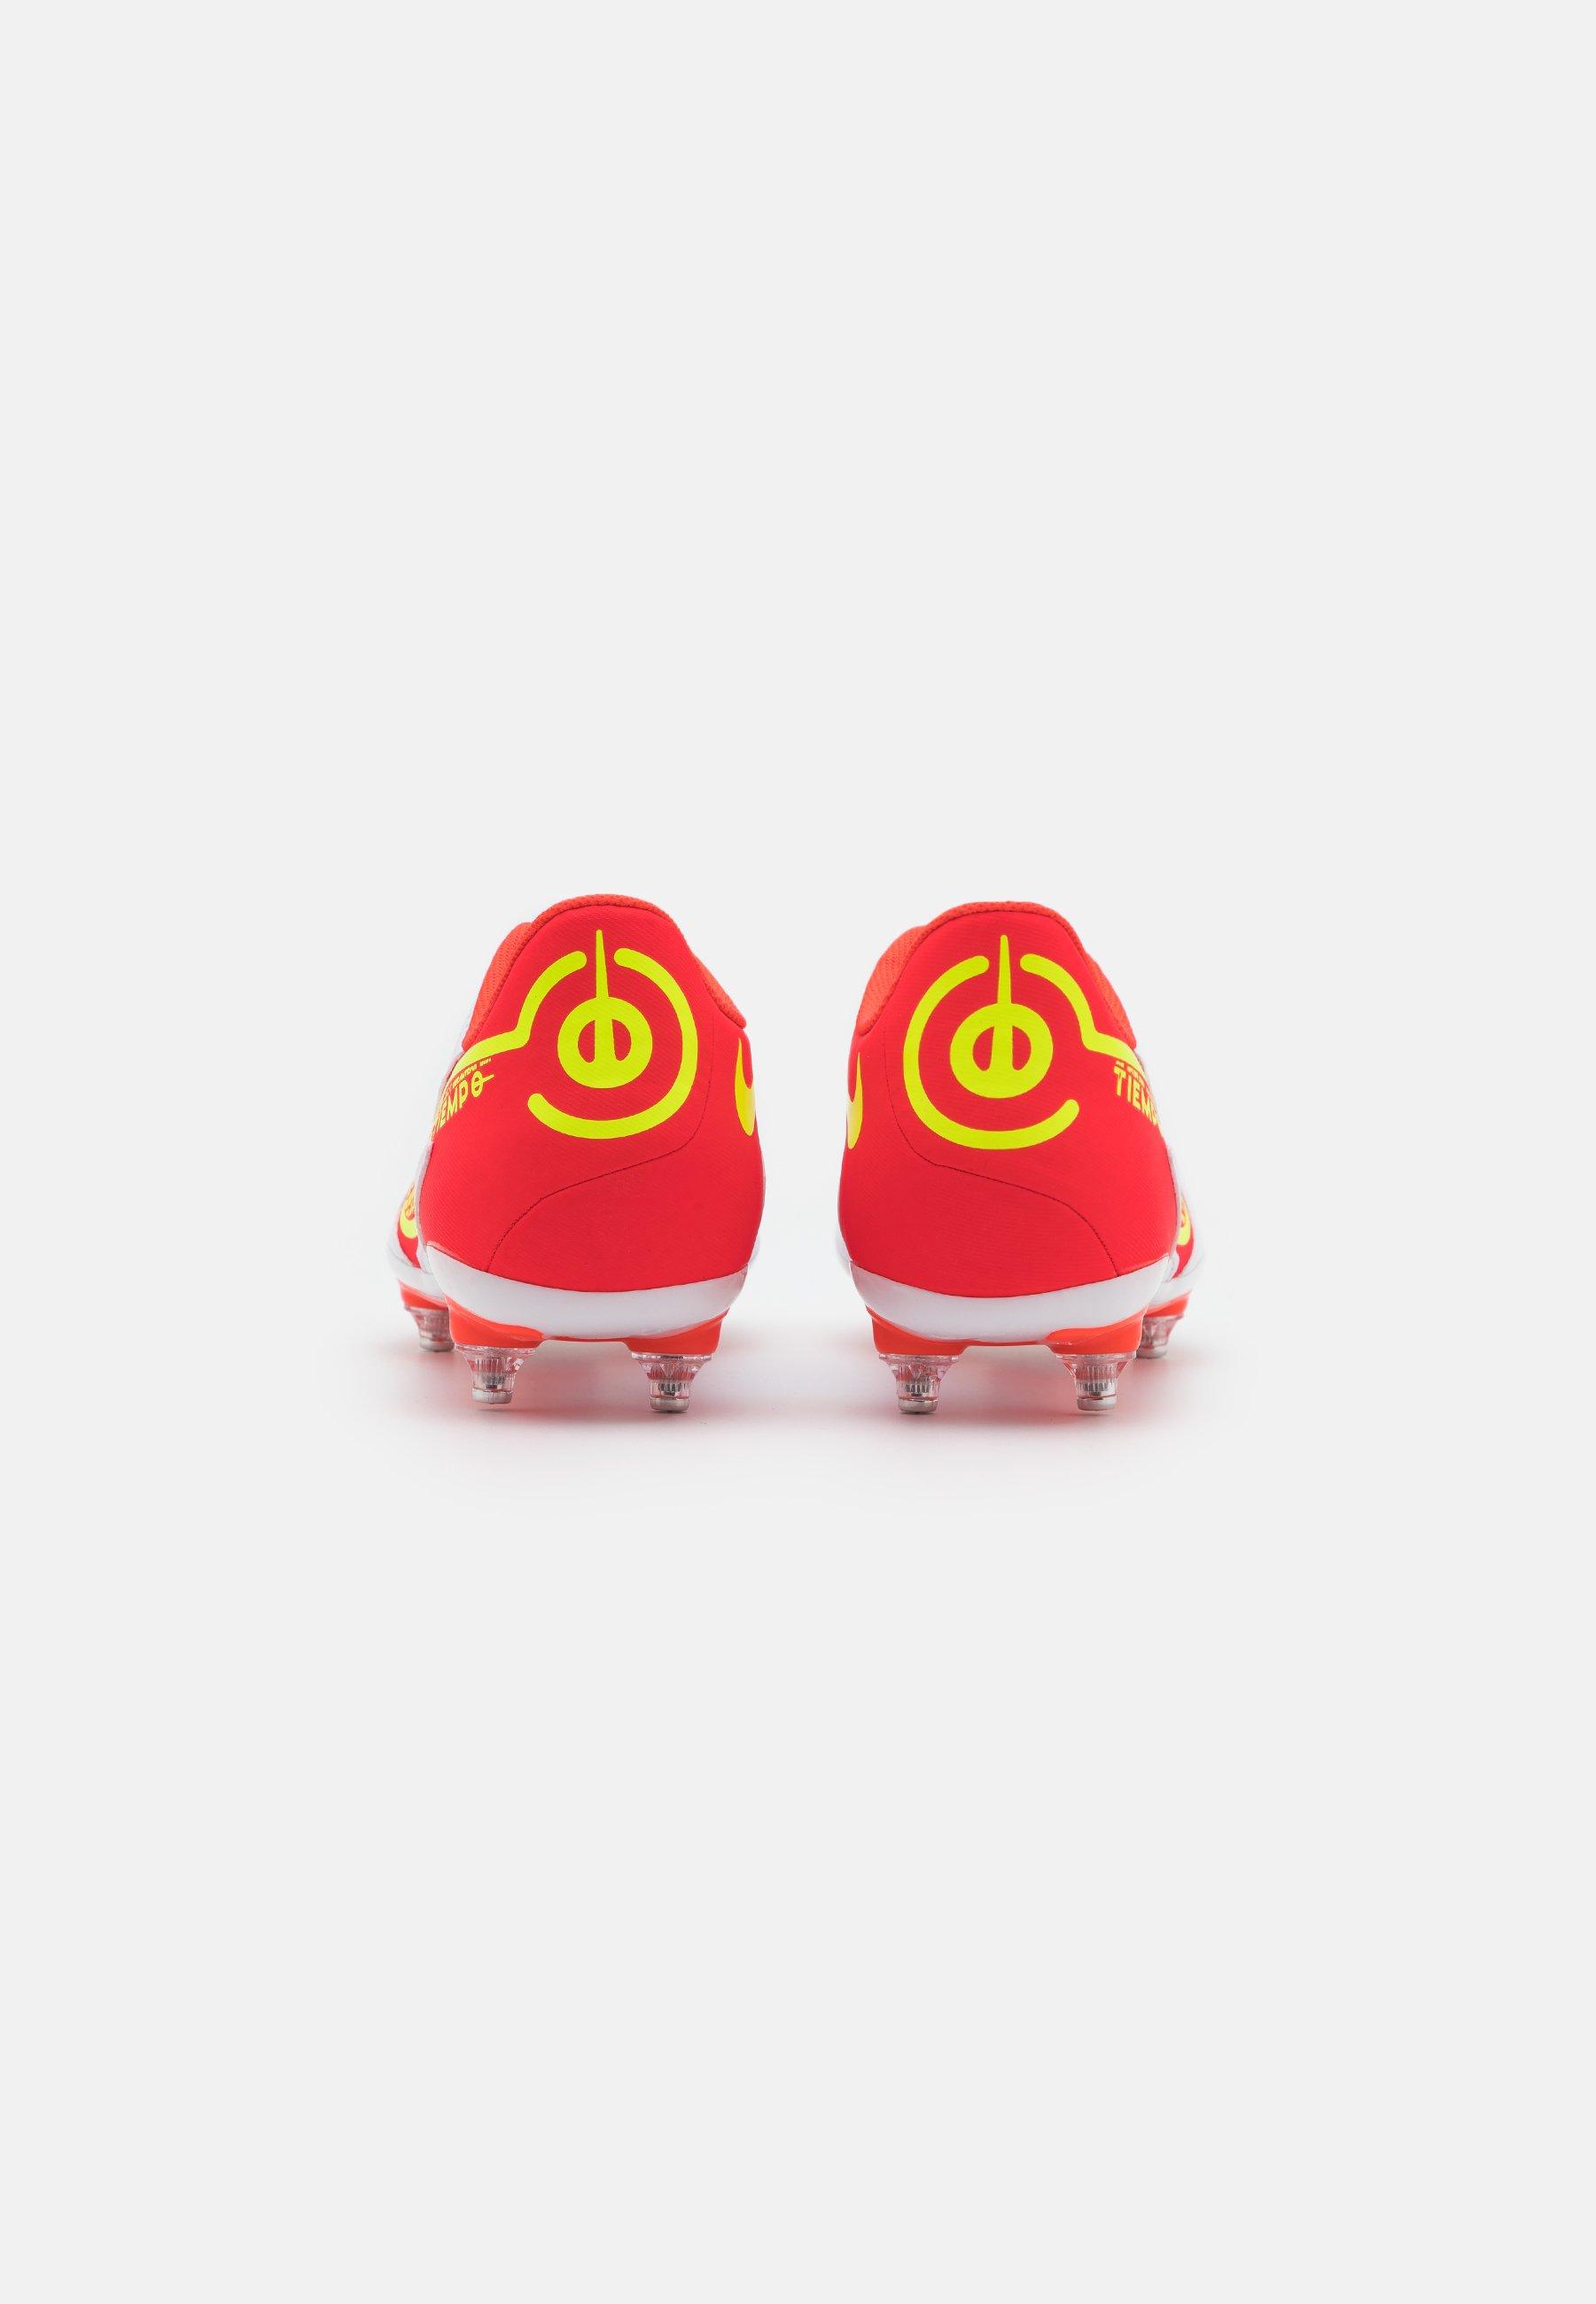 Homme TIEMPO LEGEND 9 CLUB SG - Chaussures de foot à lamelles